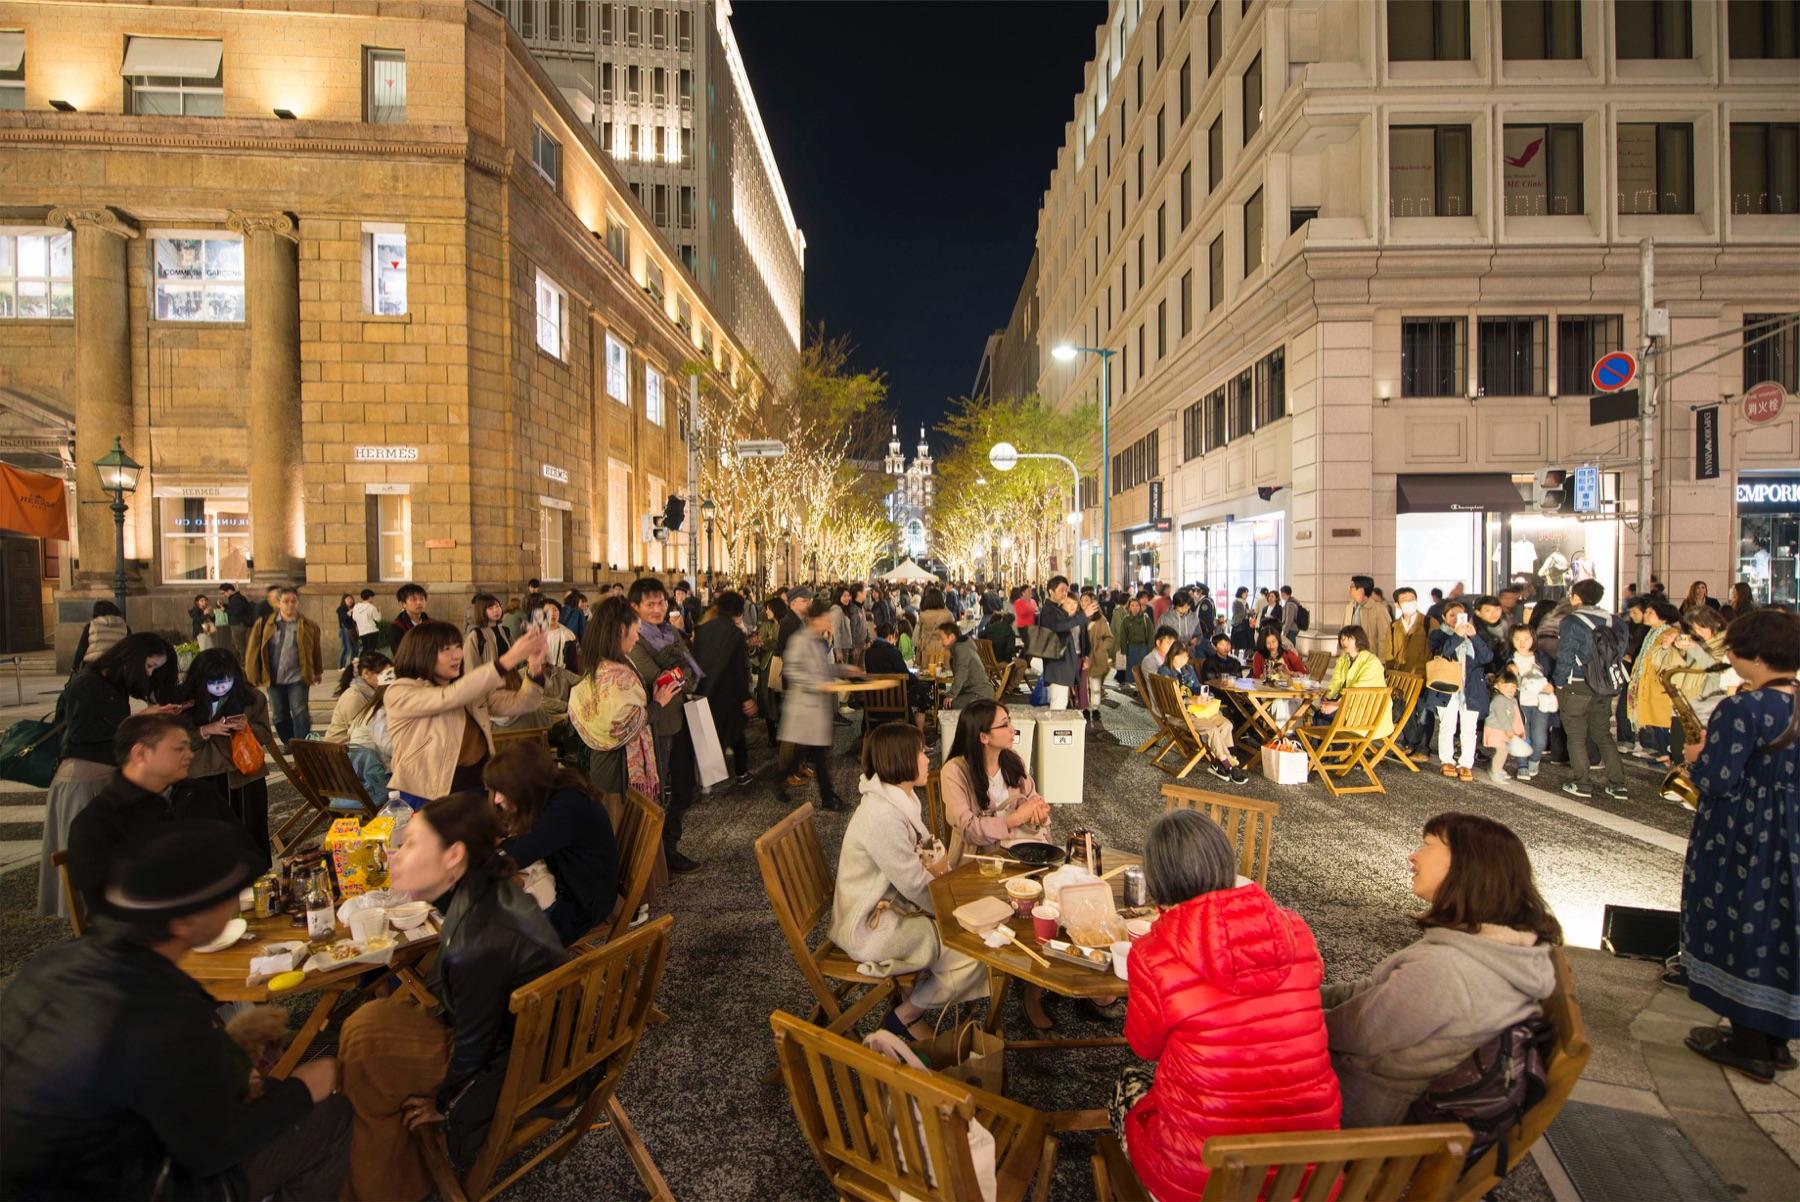 2018年12月に神戸の旧居留地で開催したナイトマーケット。趣ある建物に囲まれた道が歩行者天国になり、多くの人でにぎわった